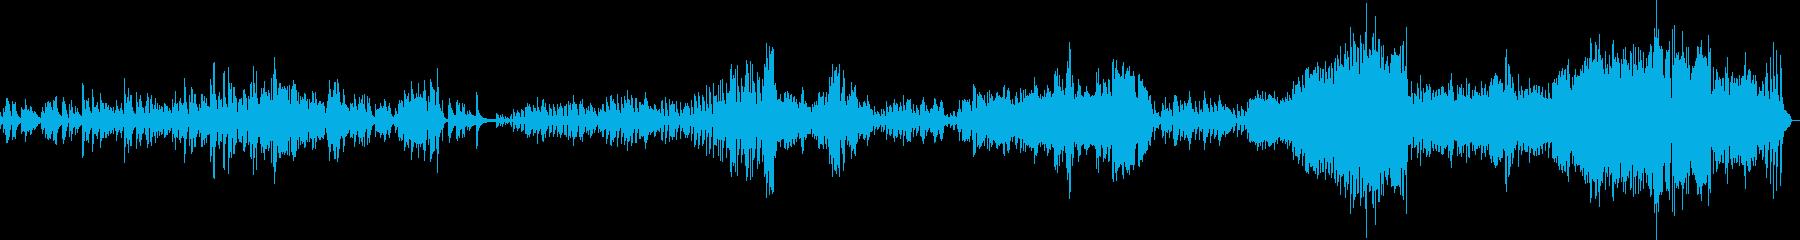 ショパン バラード Op47の再生済みの波形